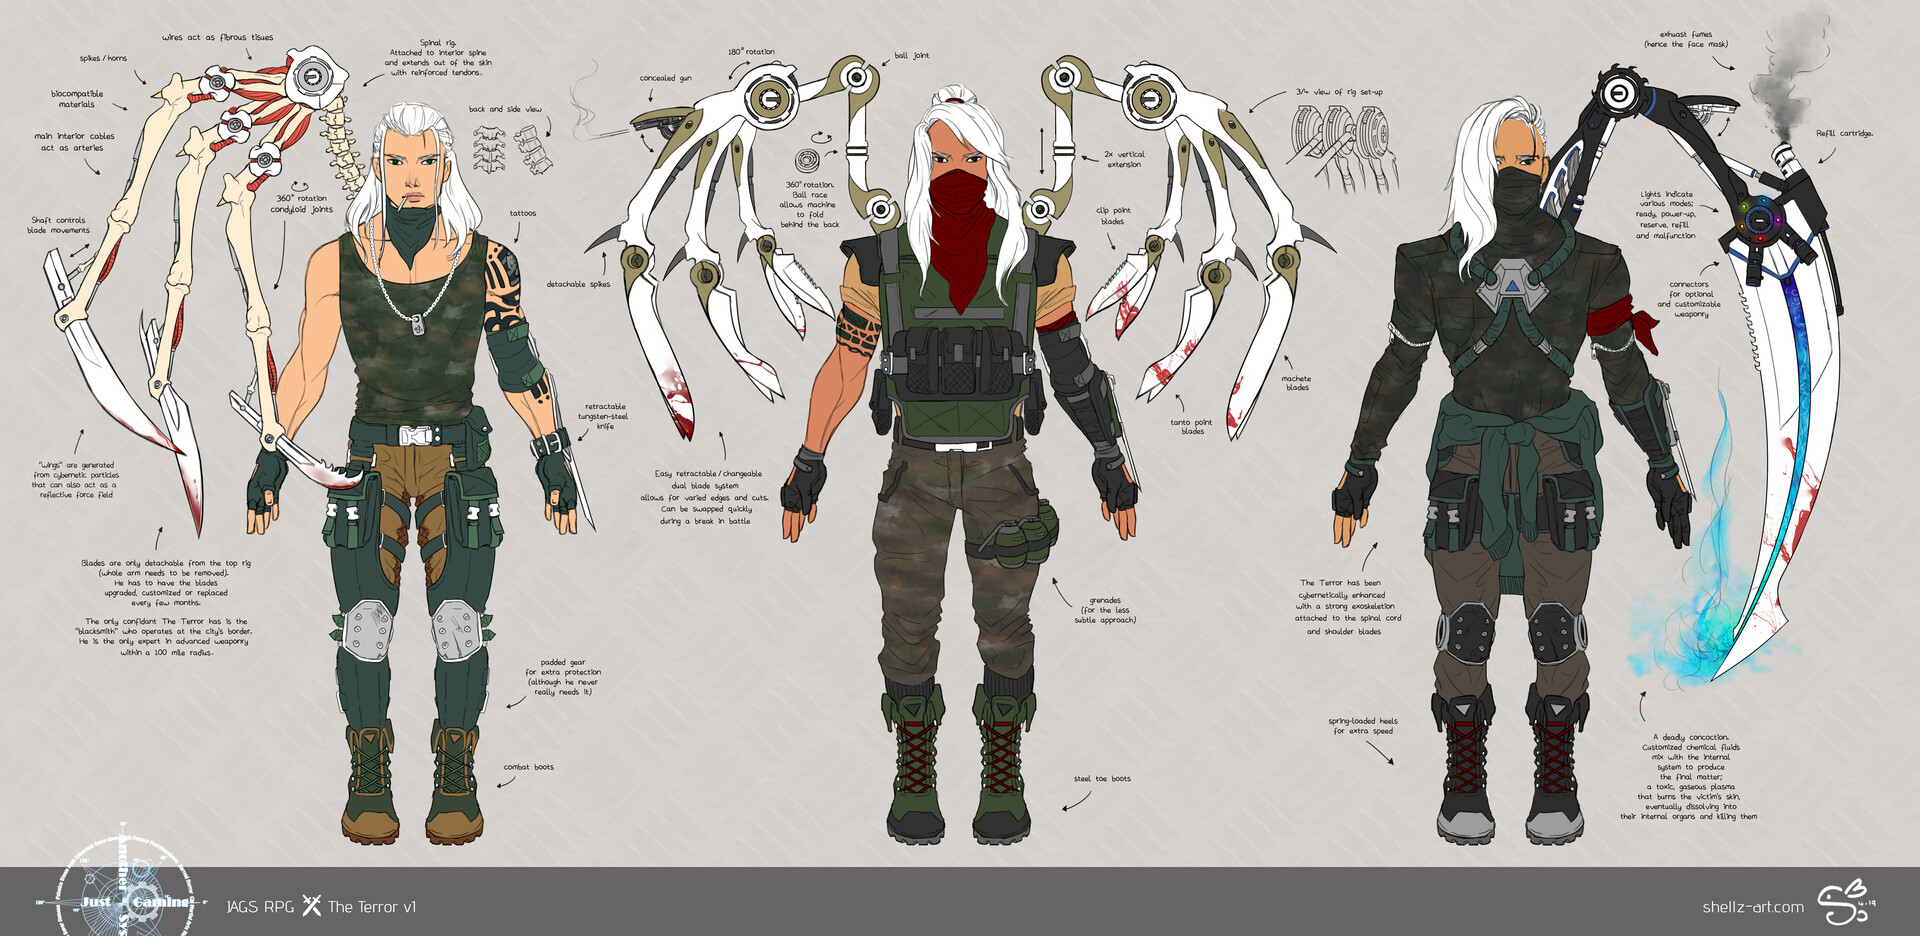 Shellz art concepts the terror v1